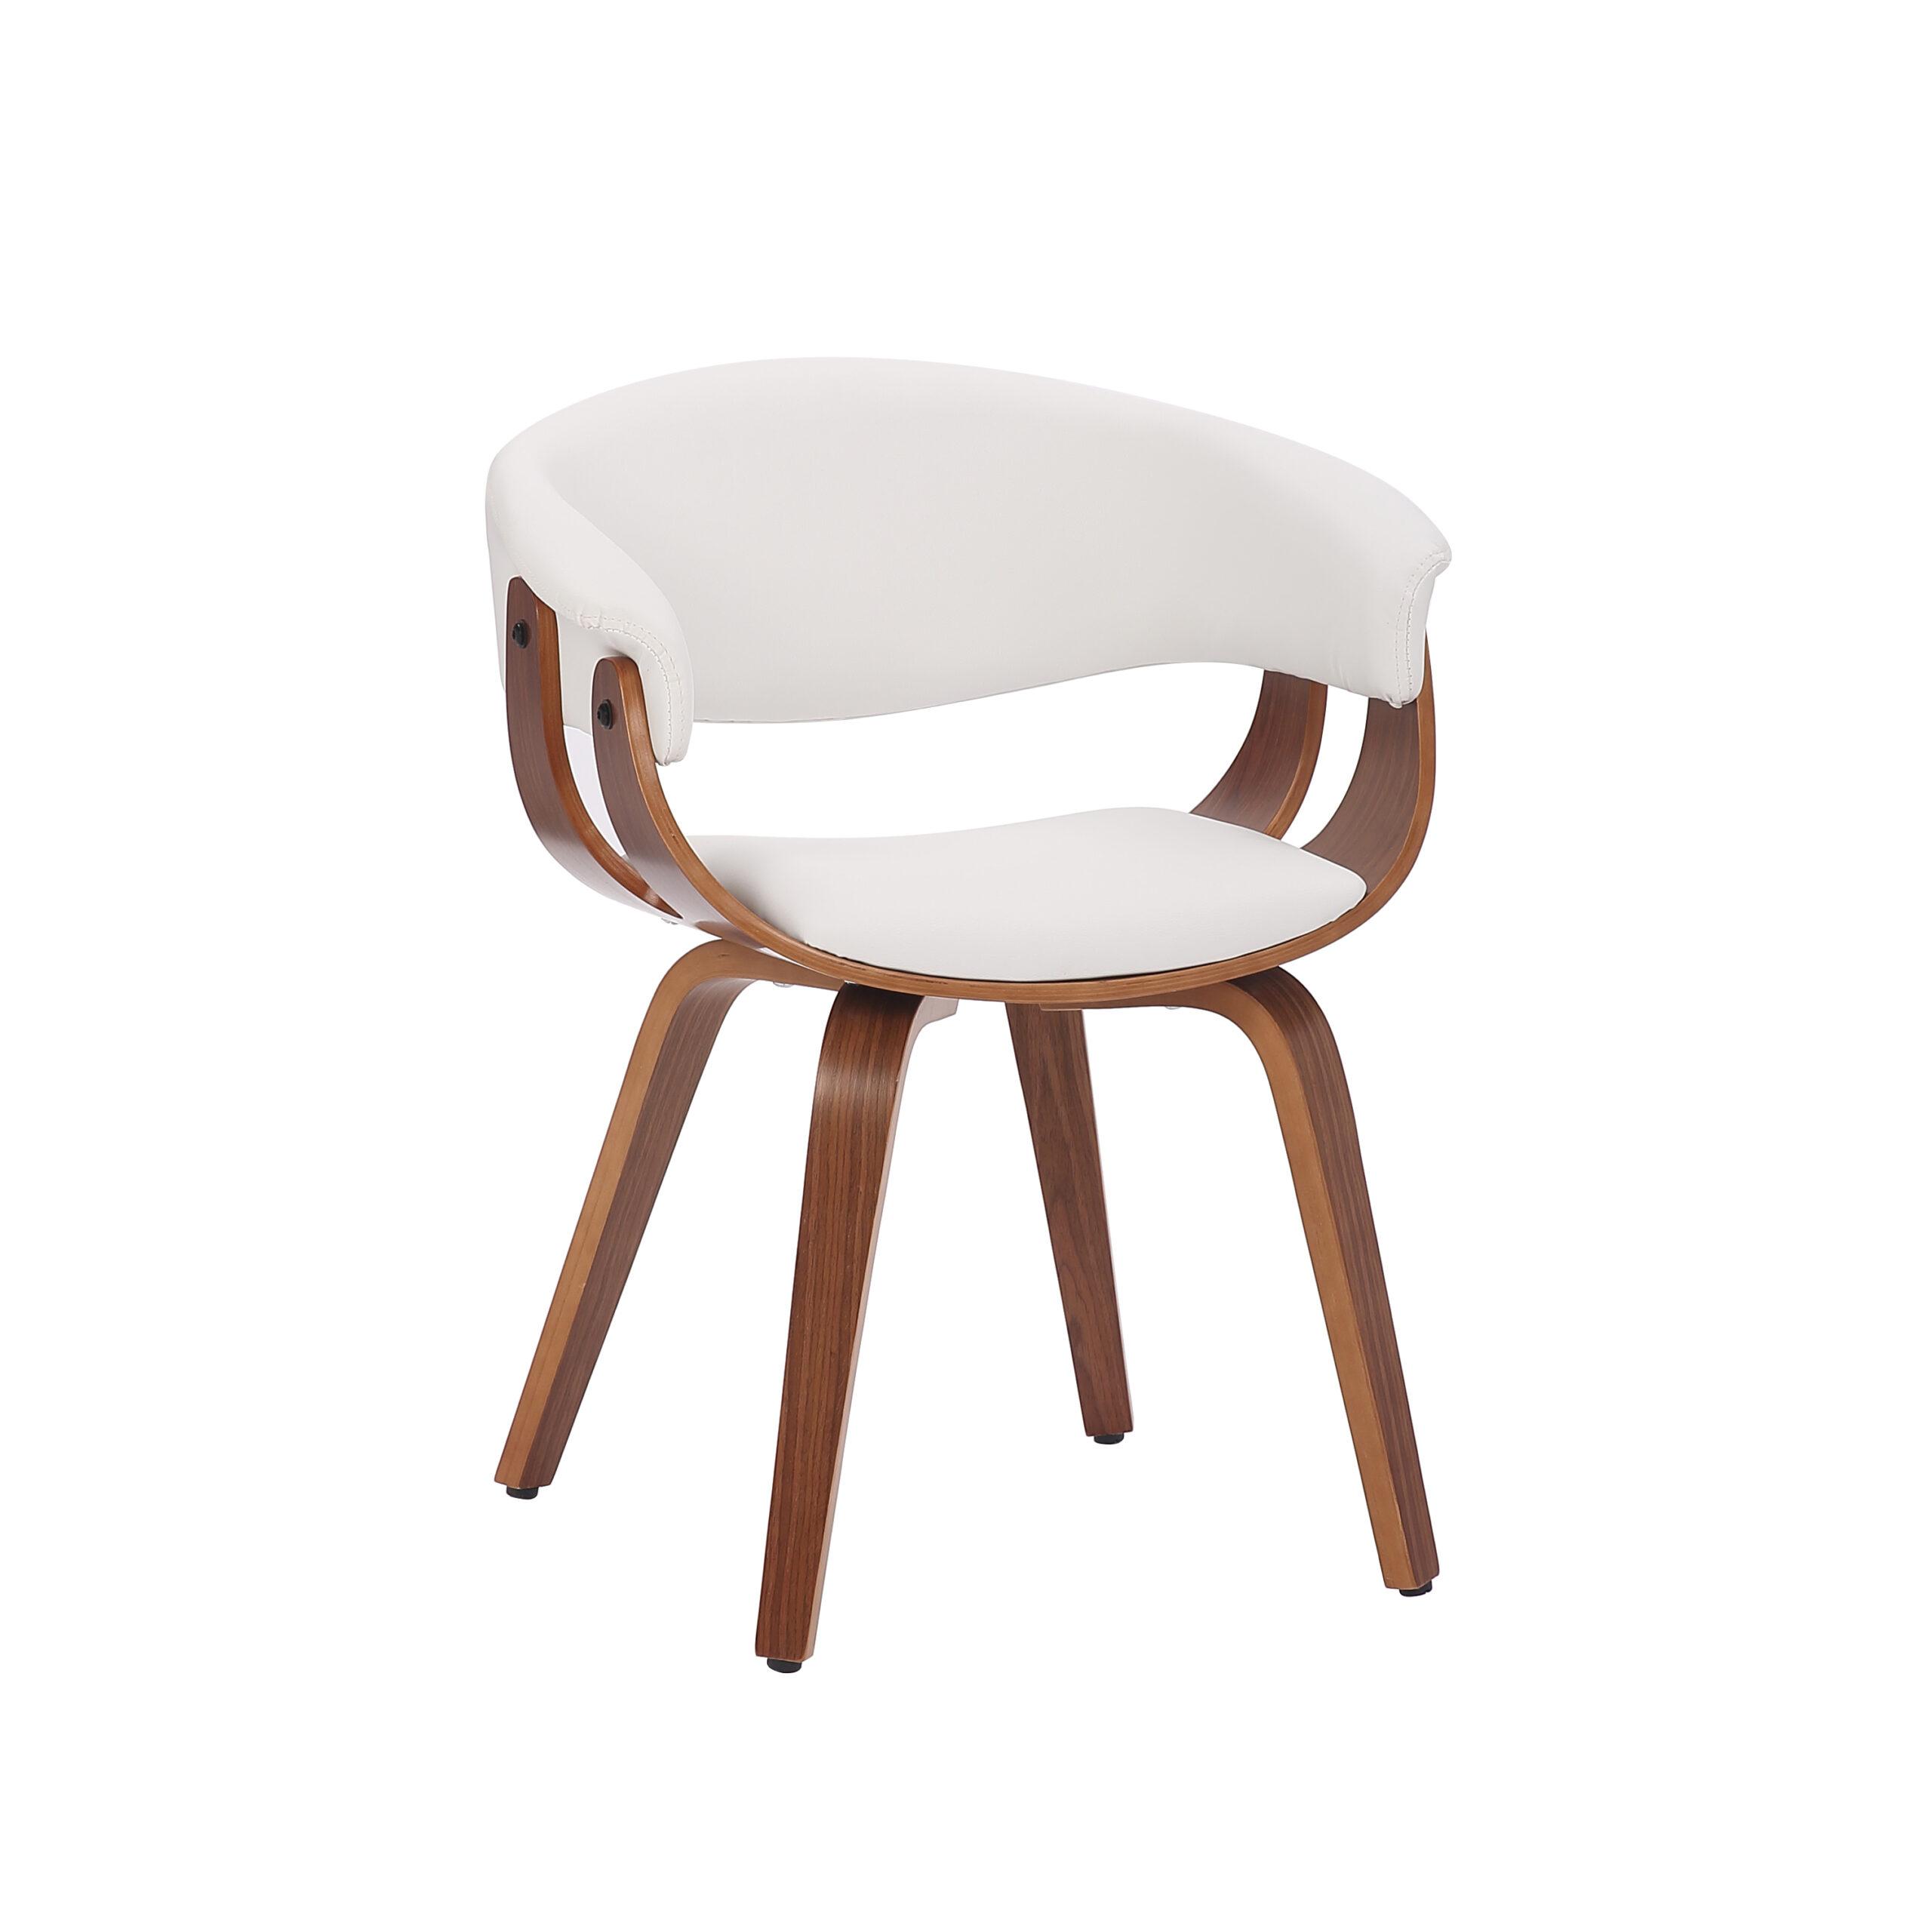 cadeira-para-venda-design-kanvas-branca-madeira-confortavel-premiada-ergonomica-com-bracos-angulo-frontal